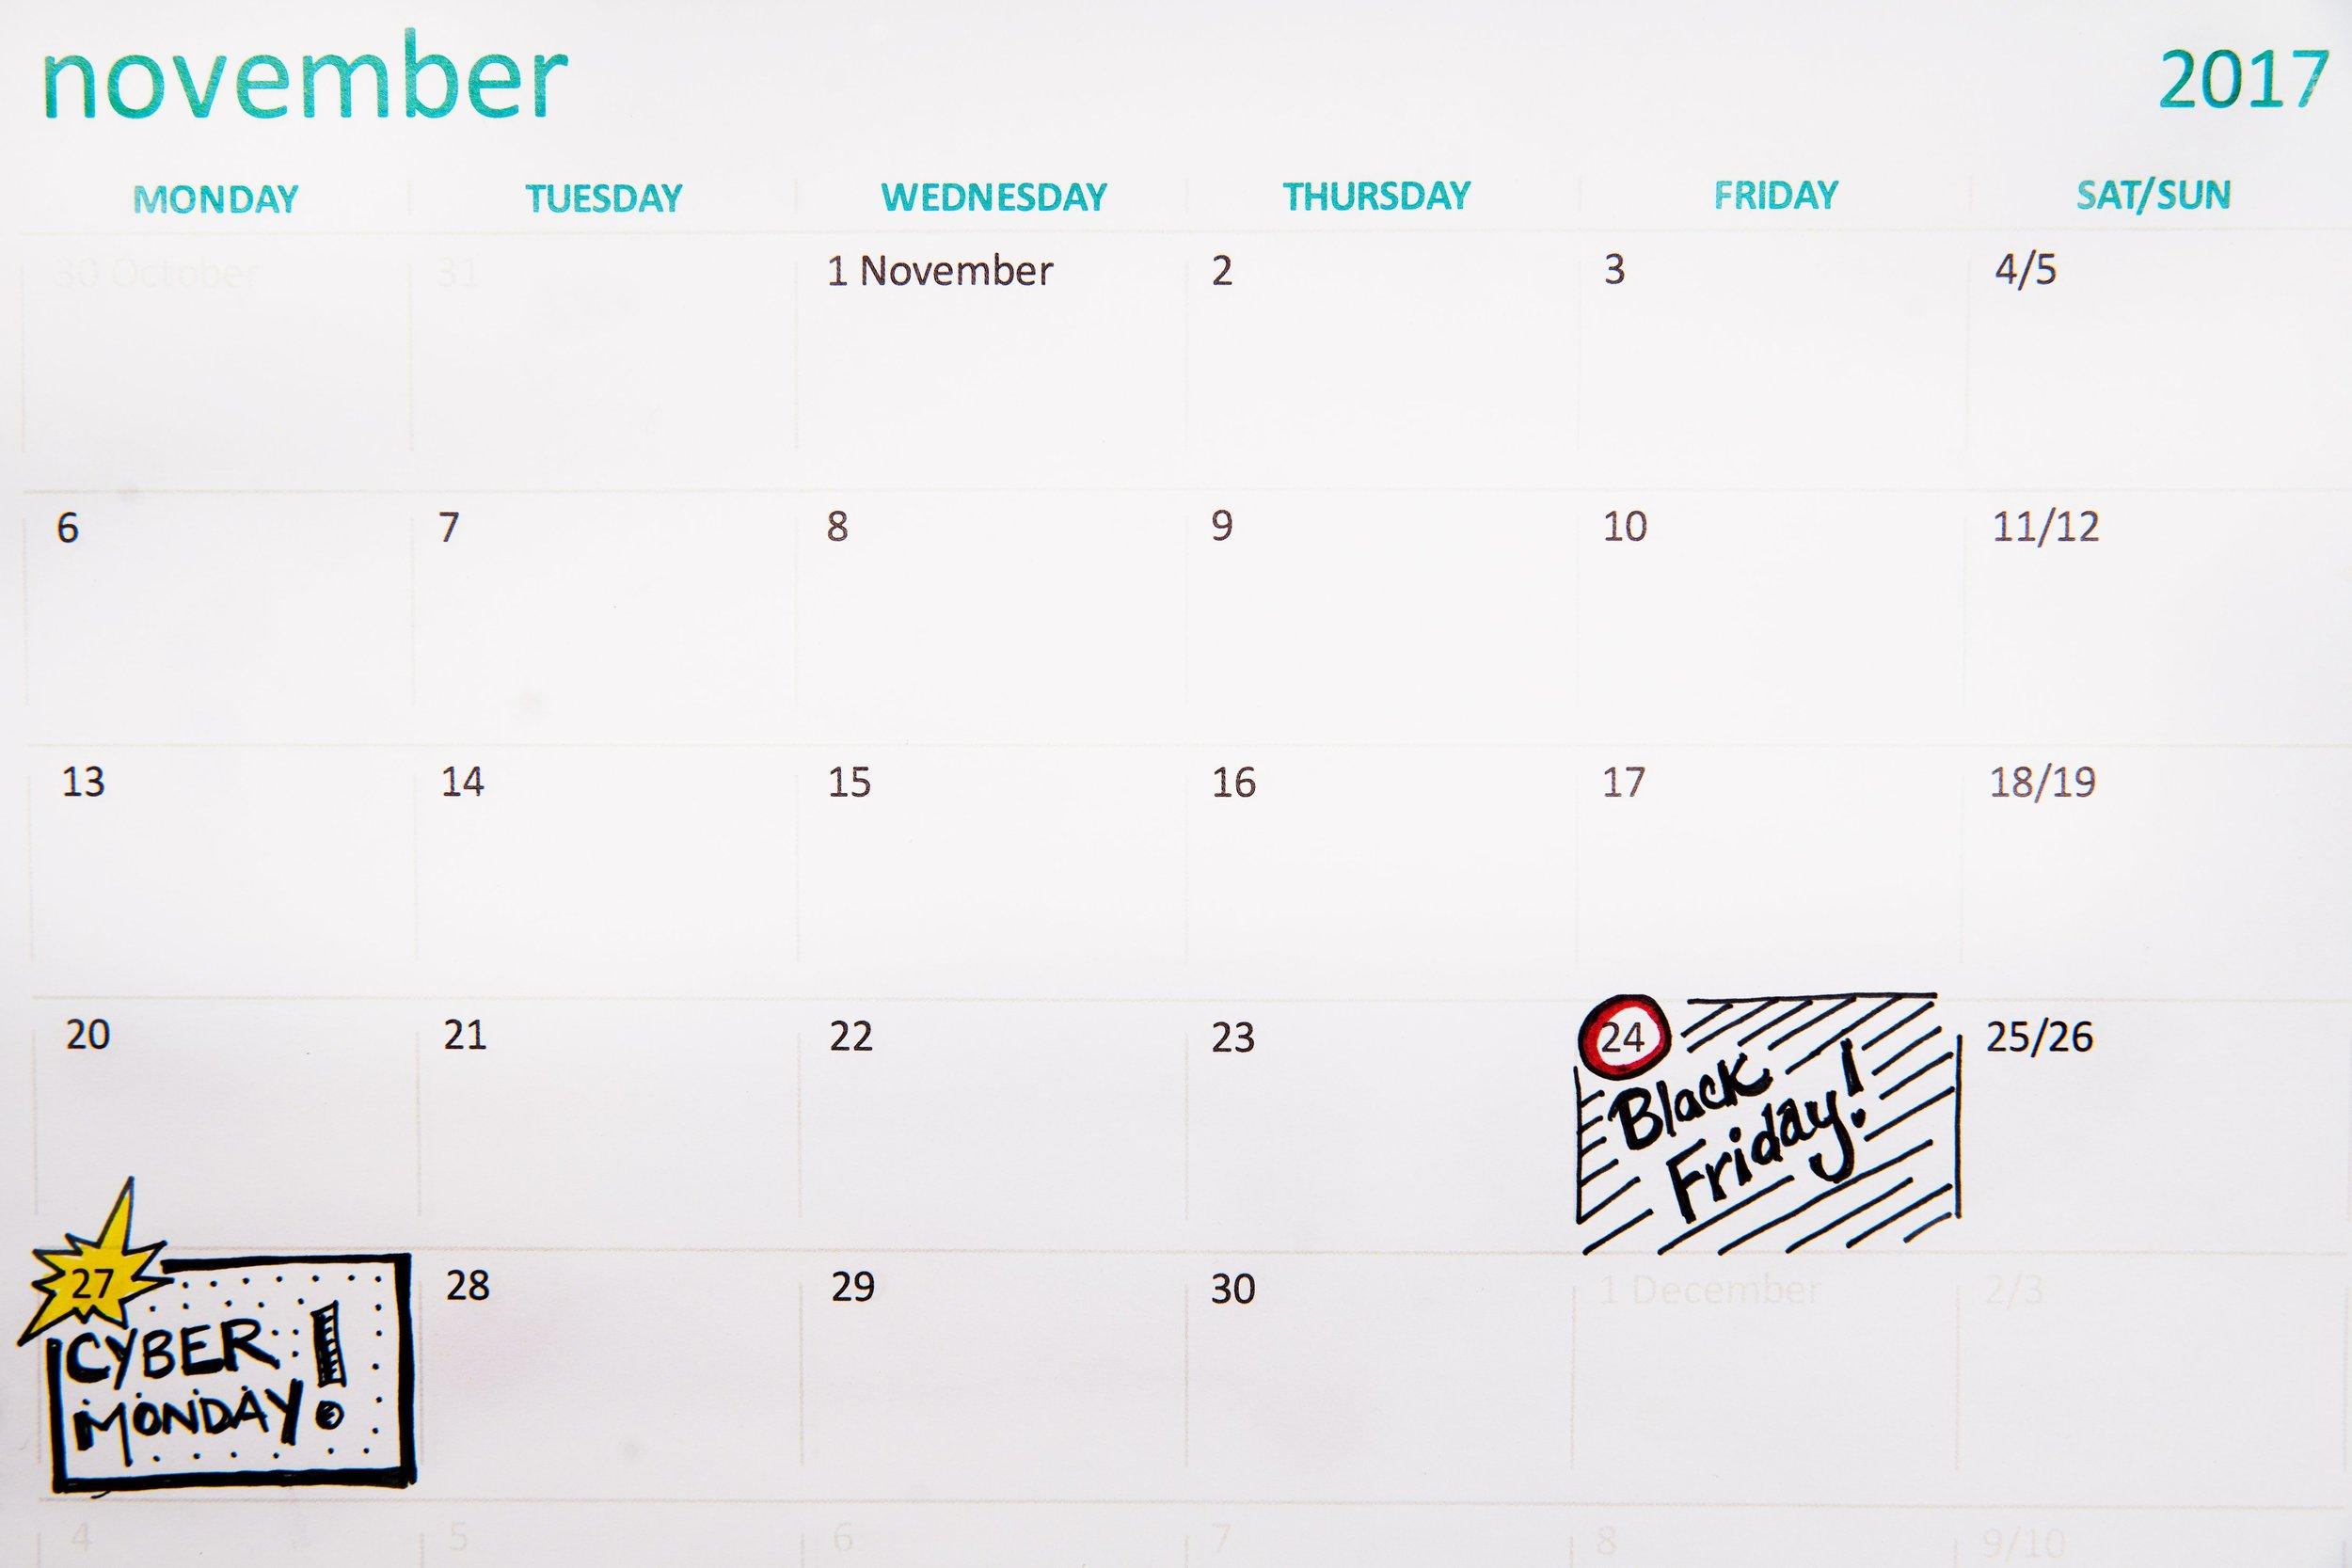 november-sale-calendar_4460x4460.jpg